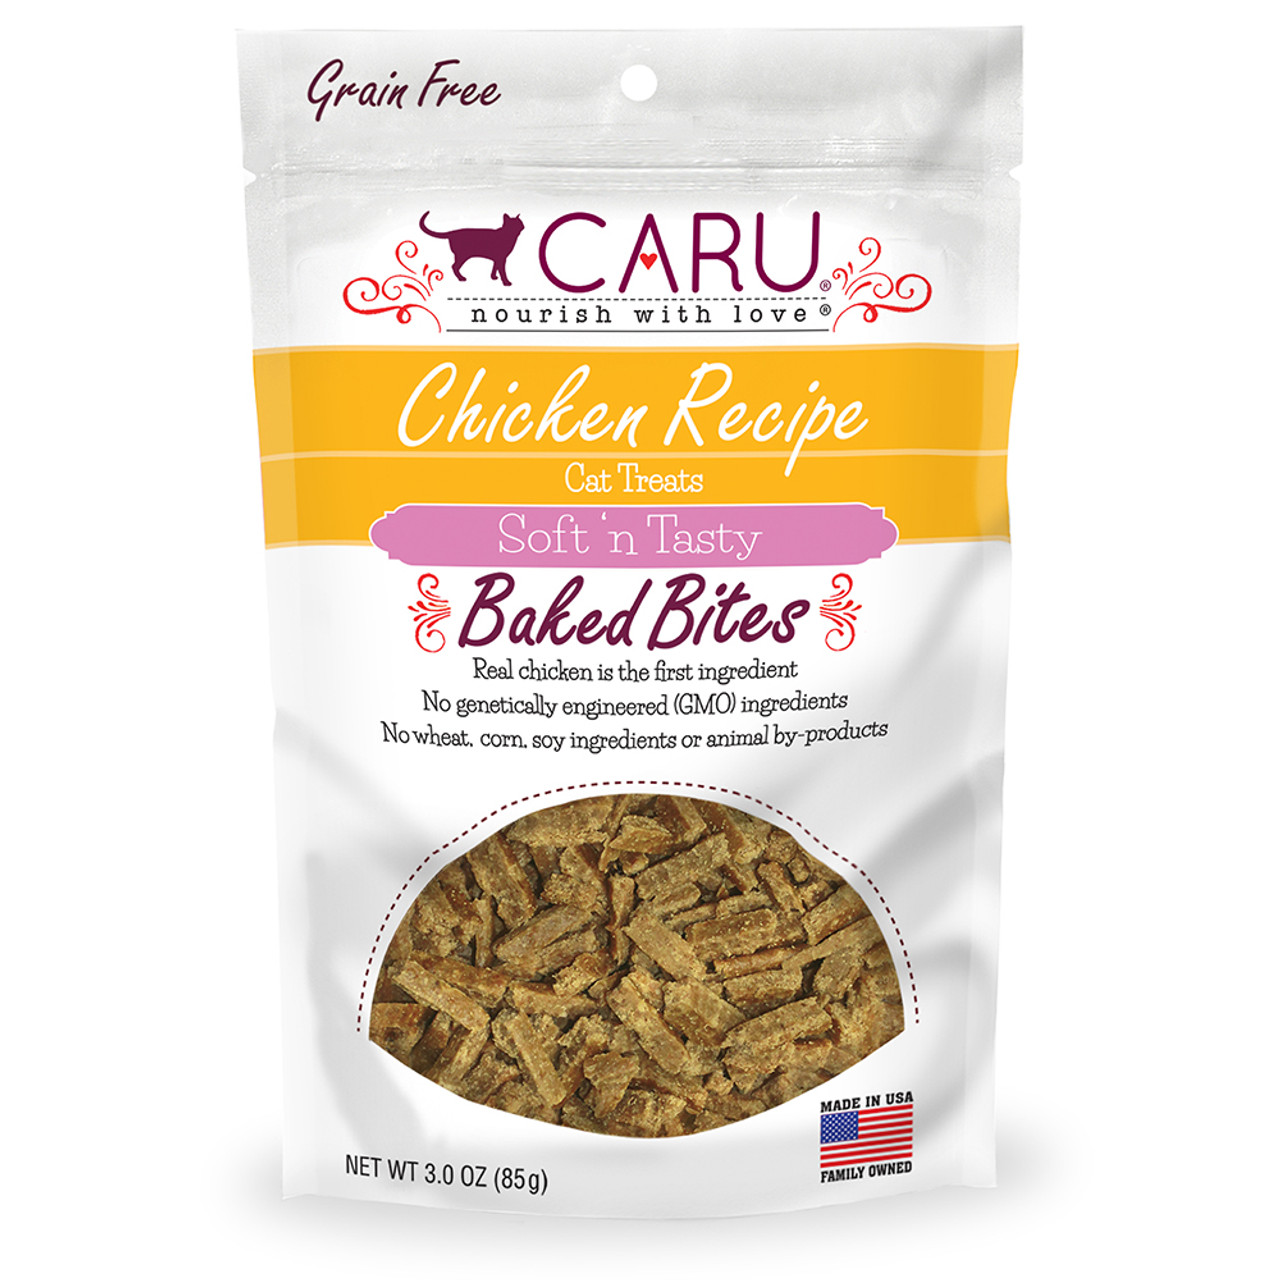 Caru Soft 'n Tasty Baked Bites Chicken Recipe Cat Treats